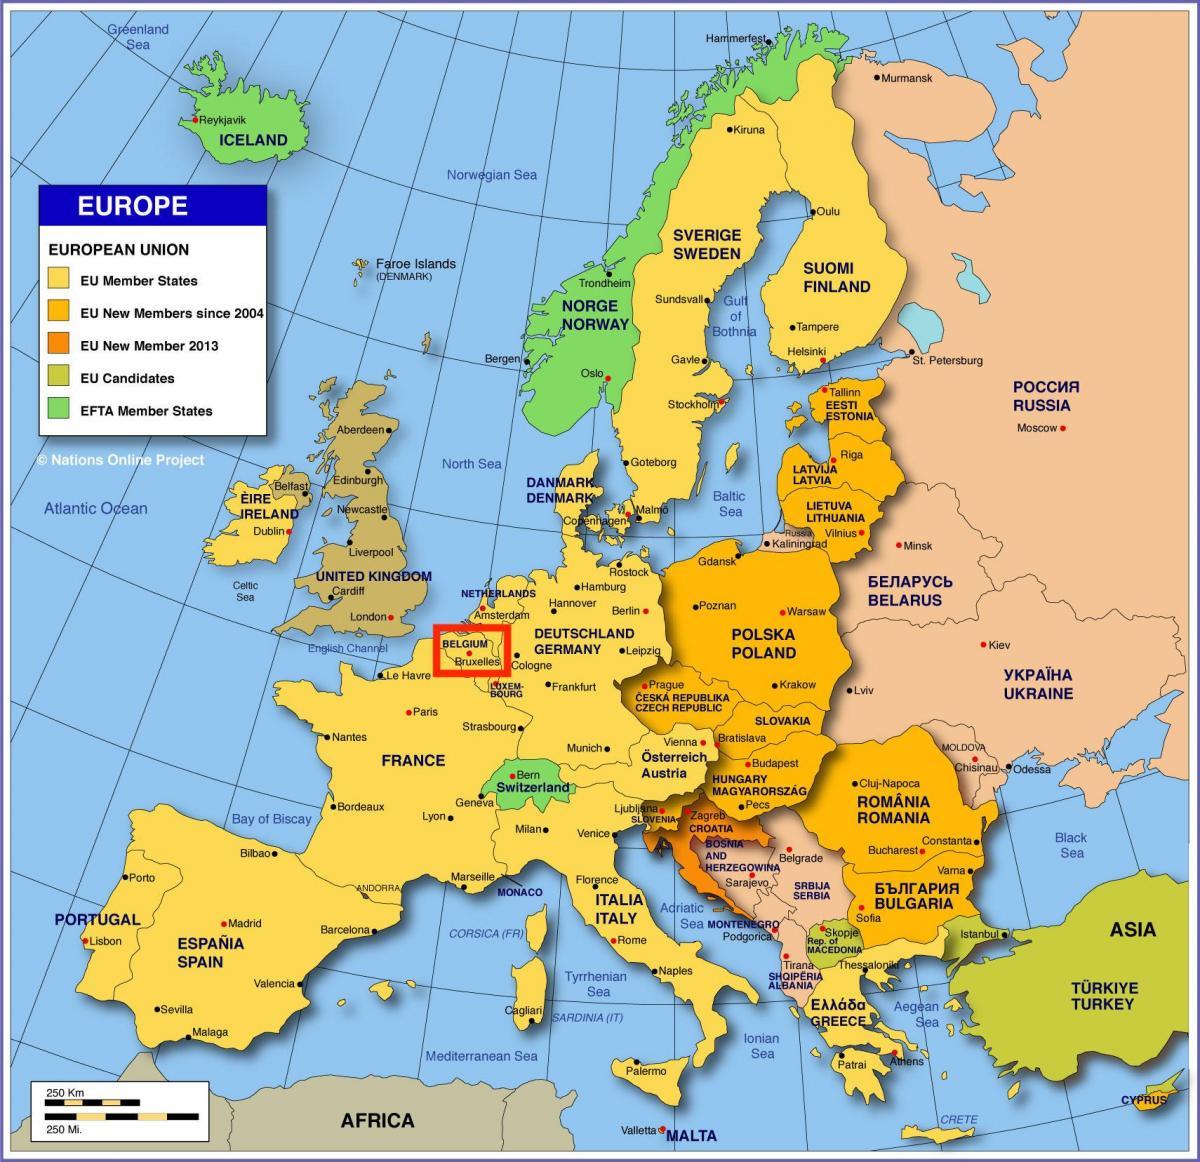 Bruxelles Harta Europei Harta Europei Arată Bruxelles Belgia